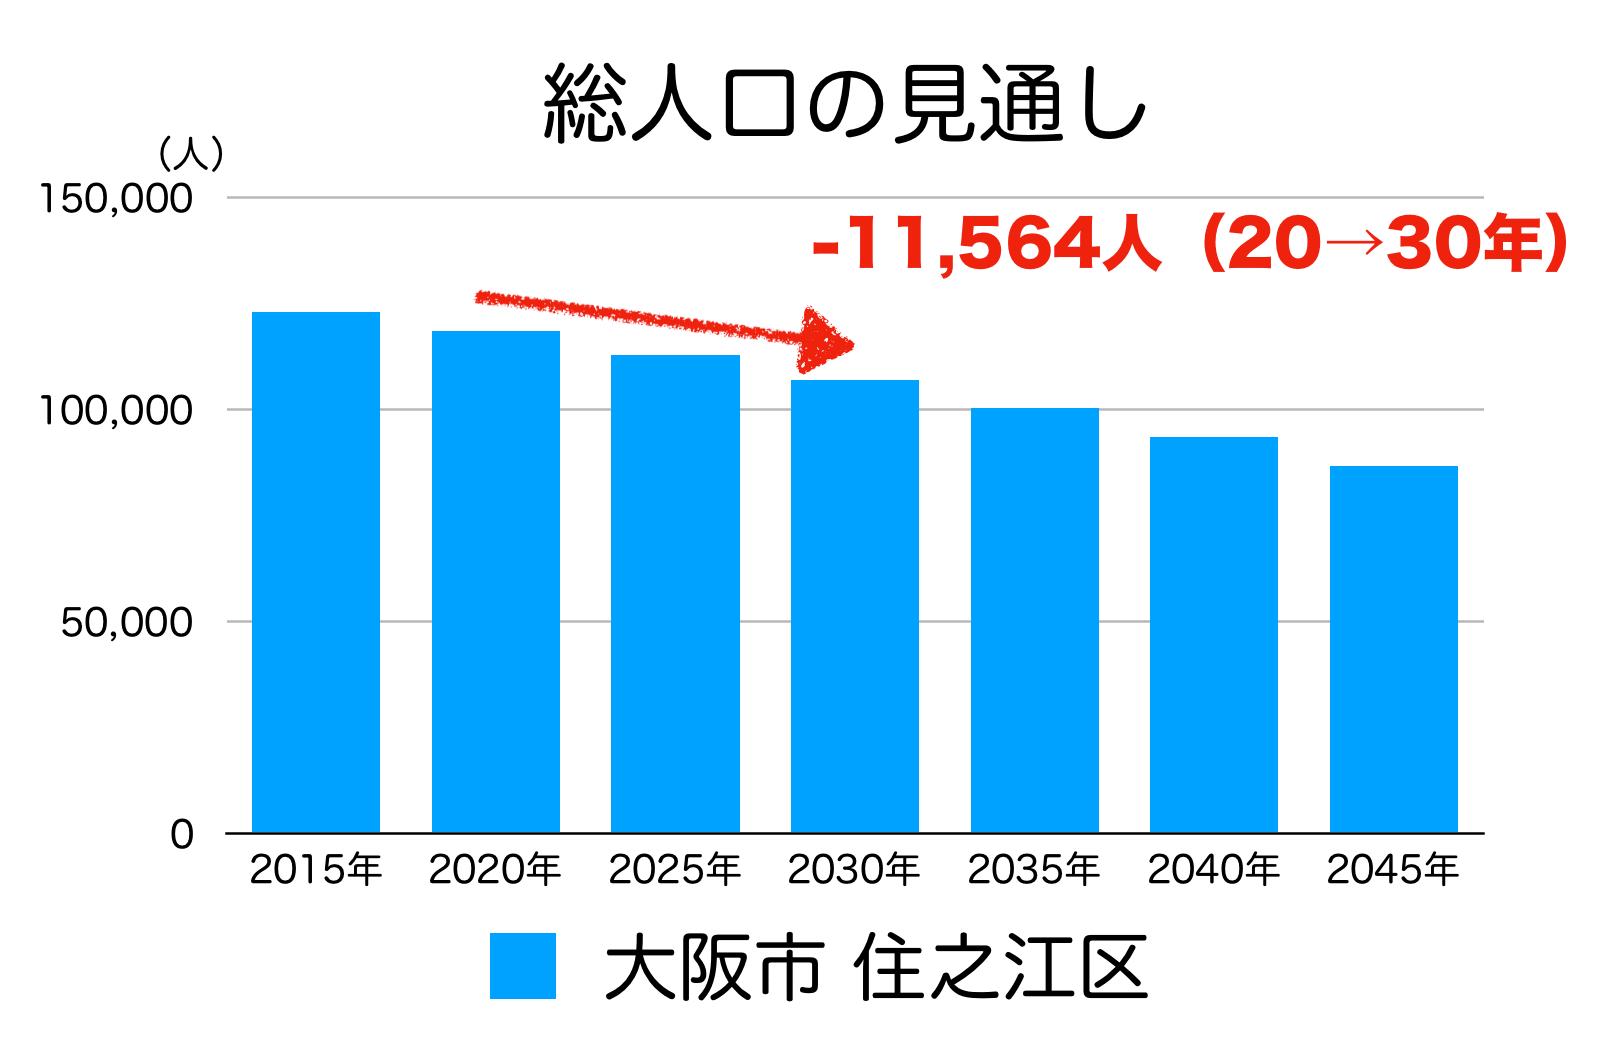 大阪市住之江区の人口の予測